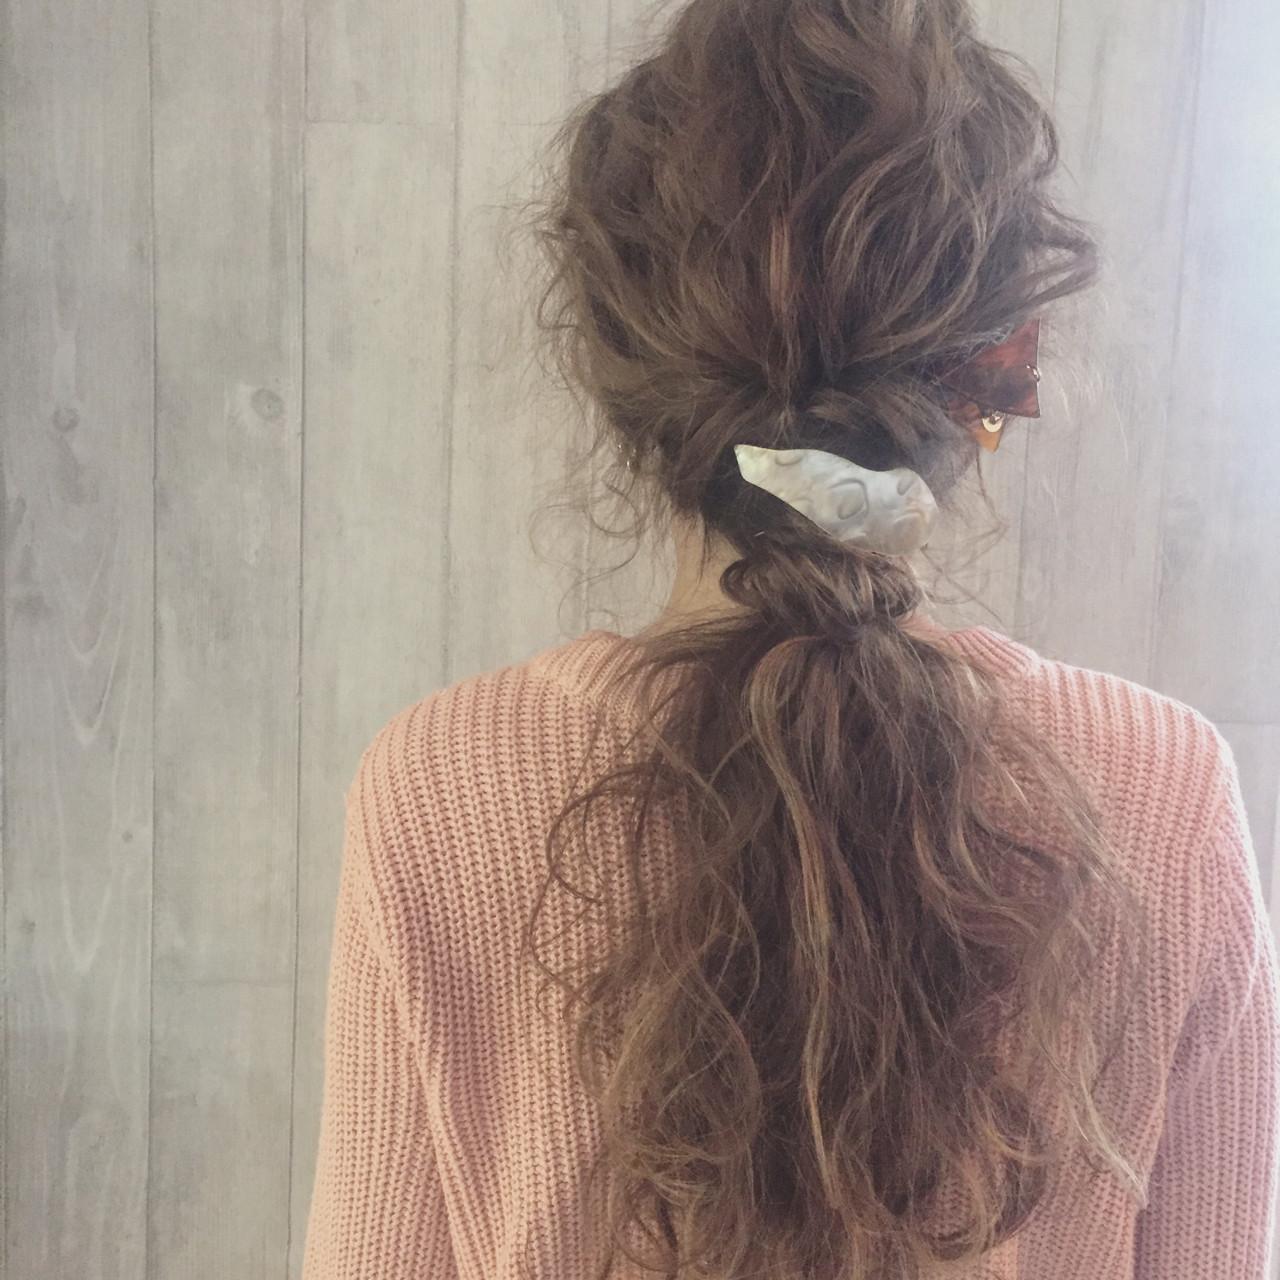 ガーリー ロング 波ウェーブ 三角クリップ ヘアスタイルや髪型の写真・画像